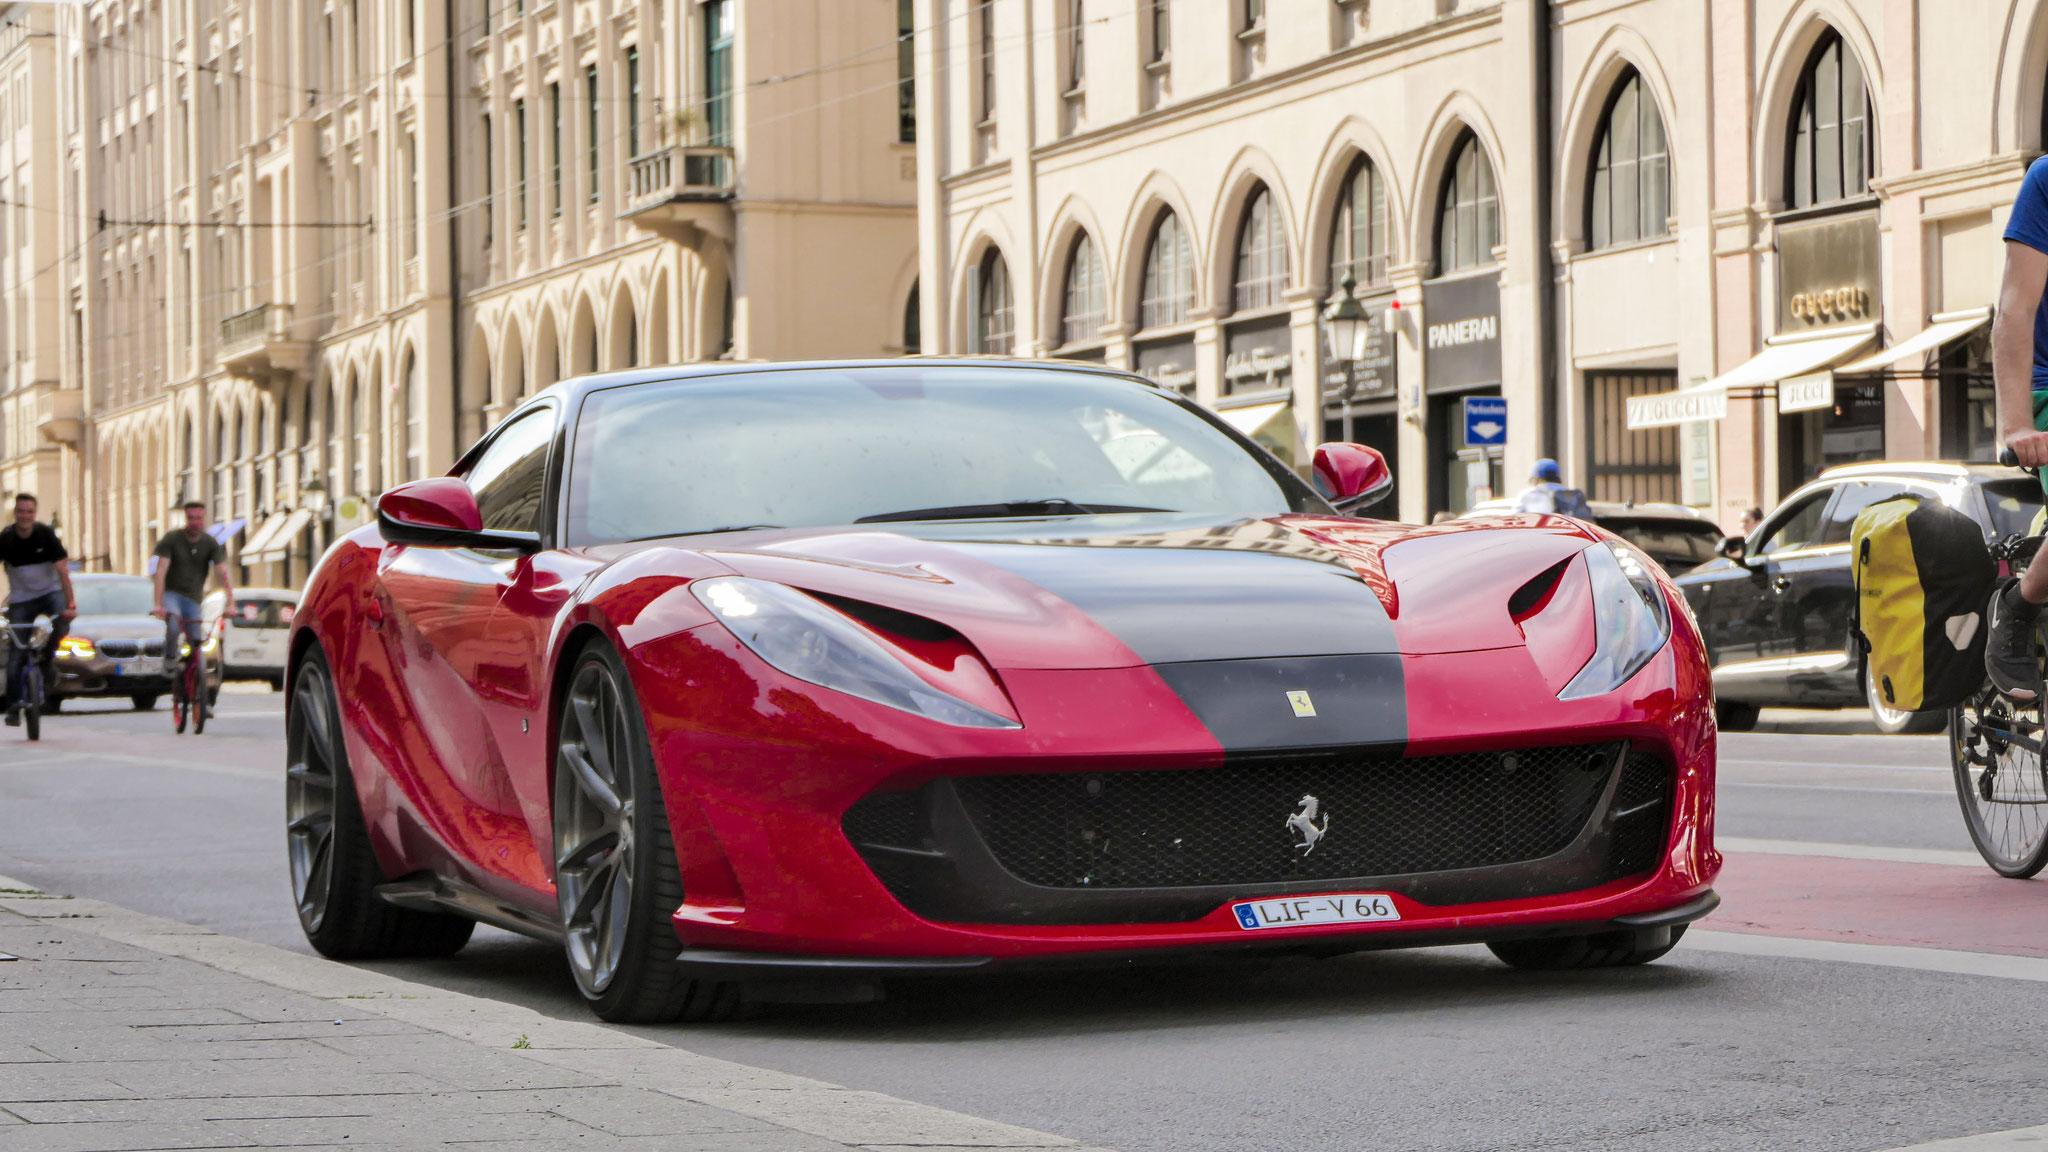 Ferrari 812 Superfast - LIF-Y-66